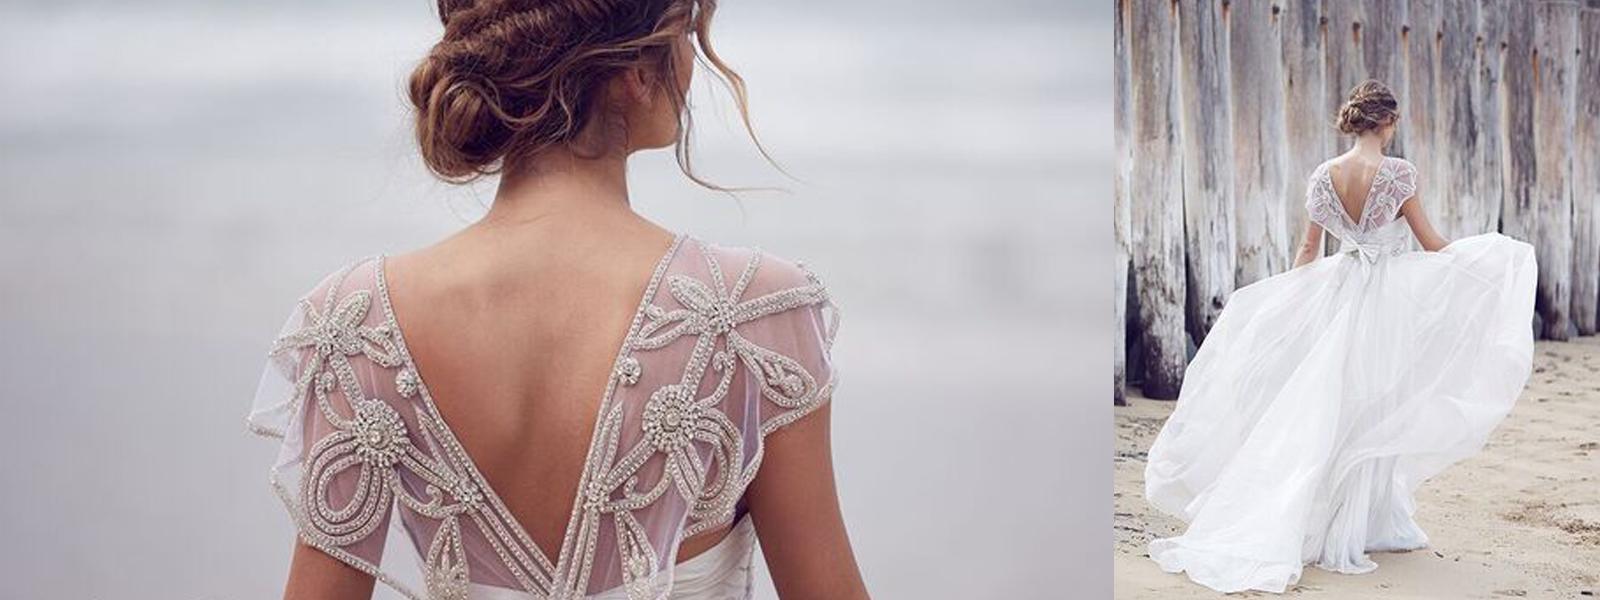 Affordable Bridal Sets Bu Gecelikler Ba Luxury Pics Of